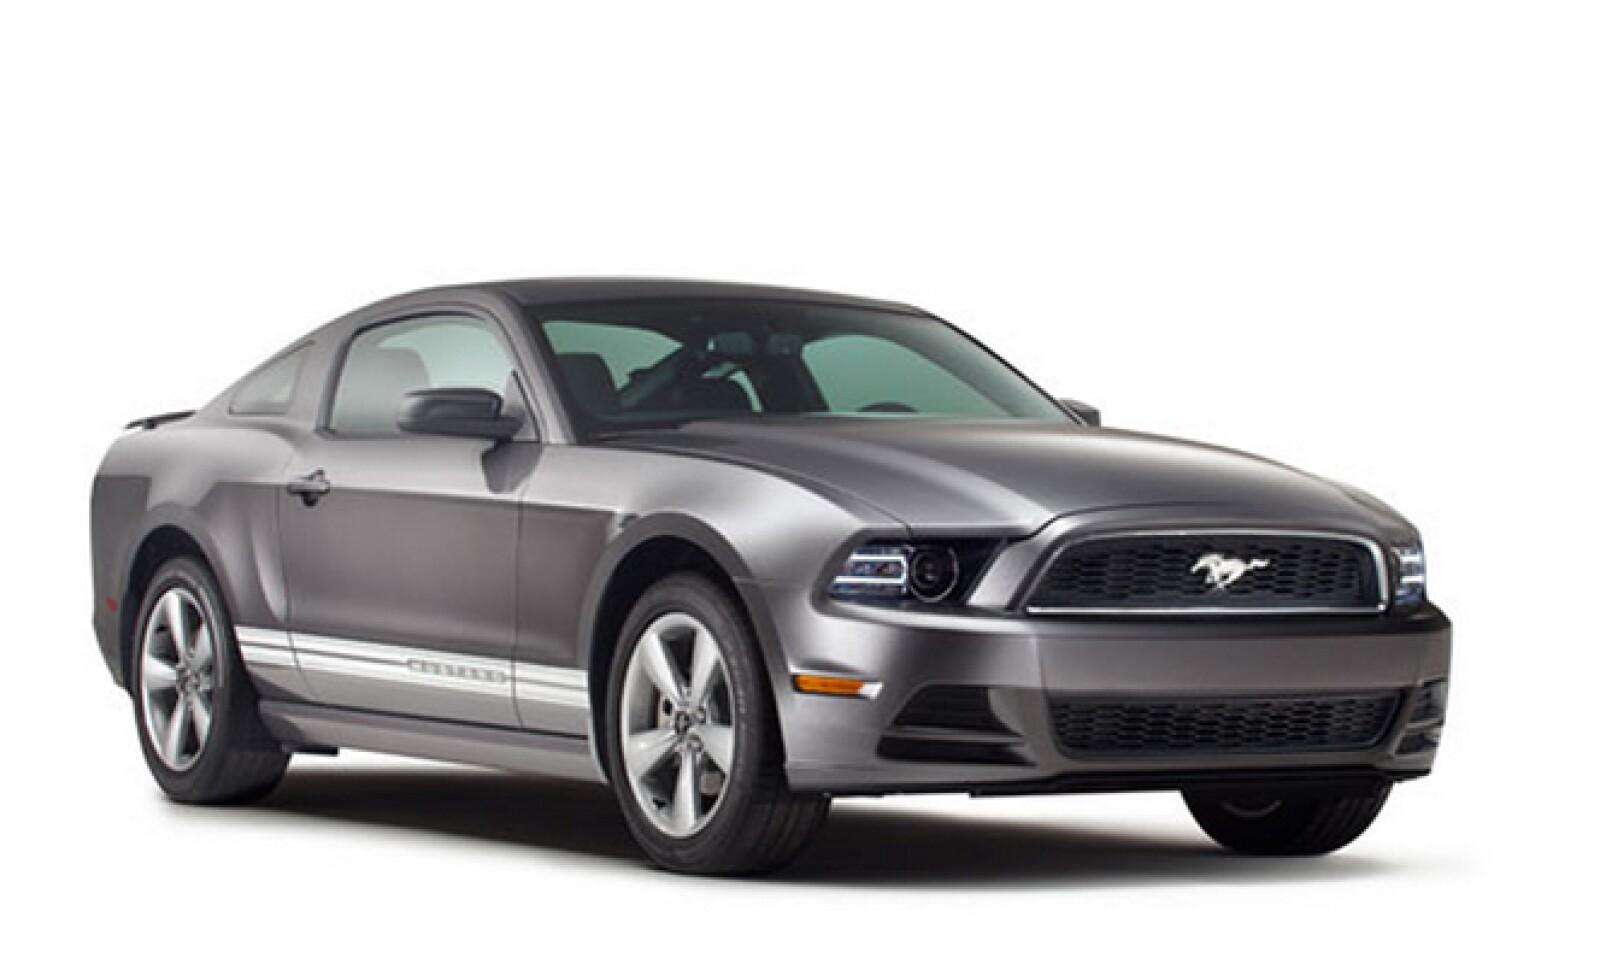 Ford vendió 926 de estos vehículos, un retroceso de 24.8% respecto del año anterior.